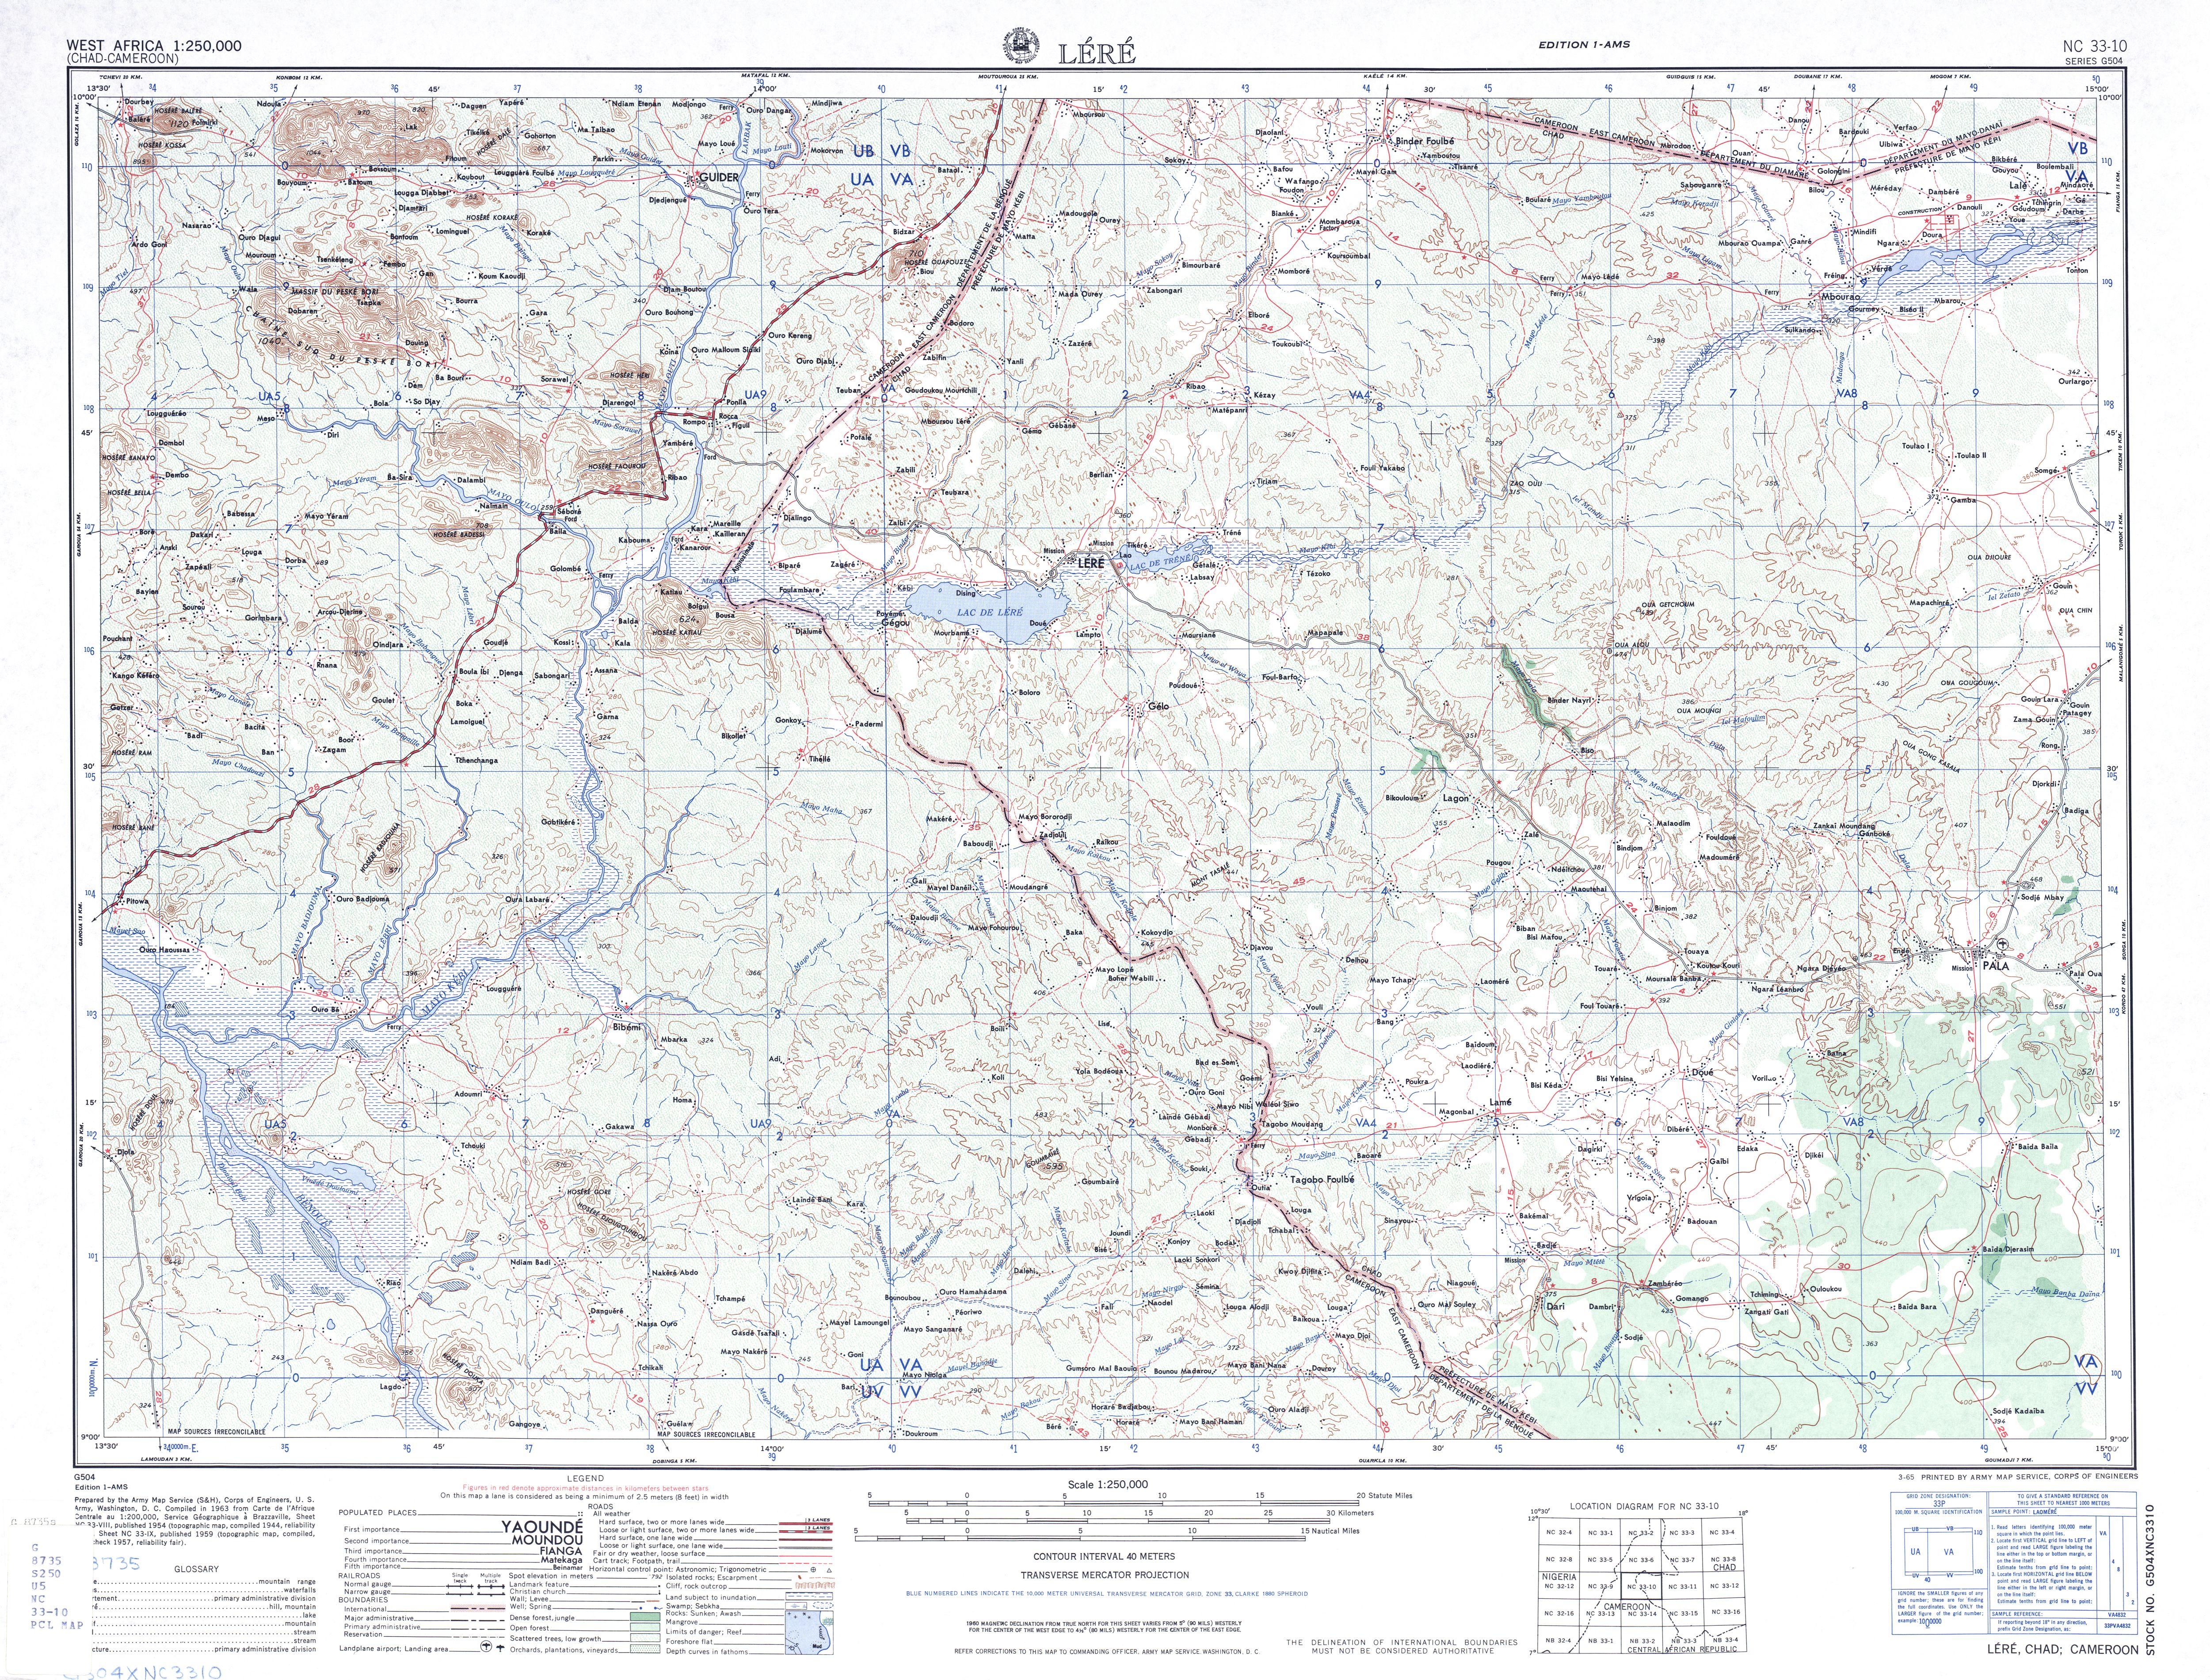 Hoja Lere del Mapa Topográfico de África Occidental 1955